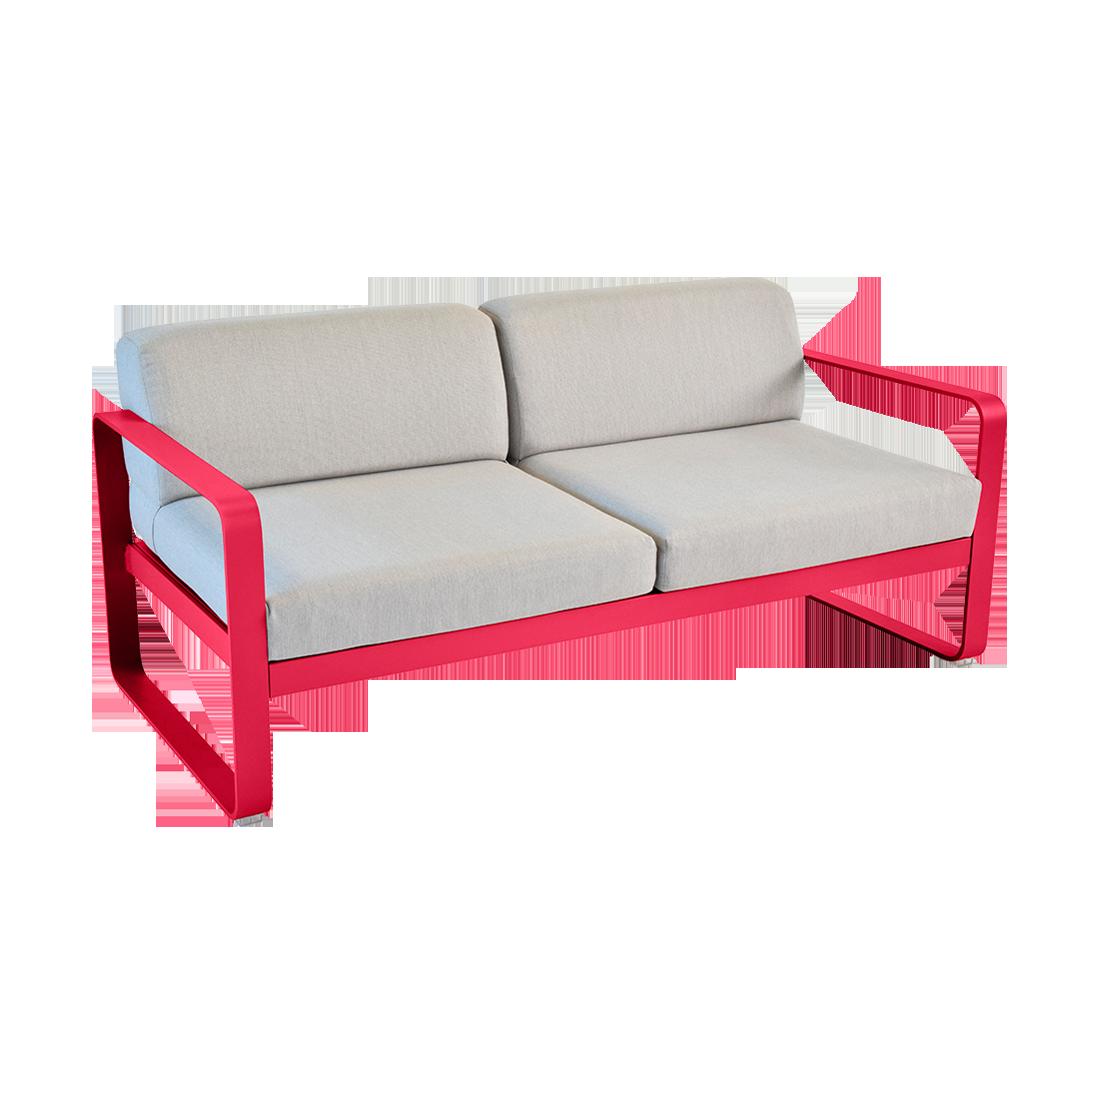 canapé de jardin avec coussin d'extérieur, canapé fermob, canapé rose